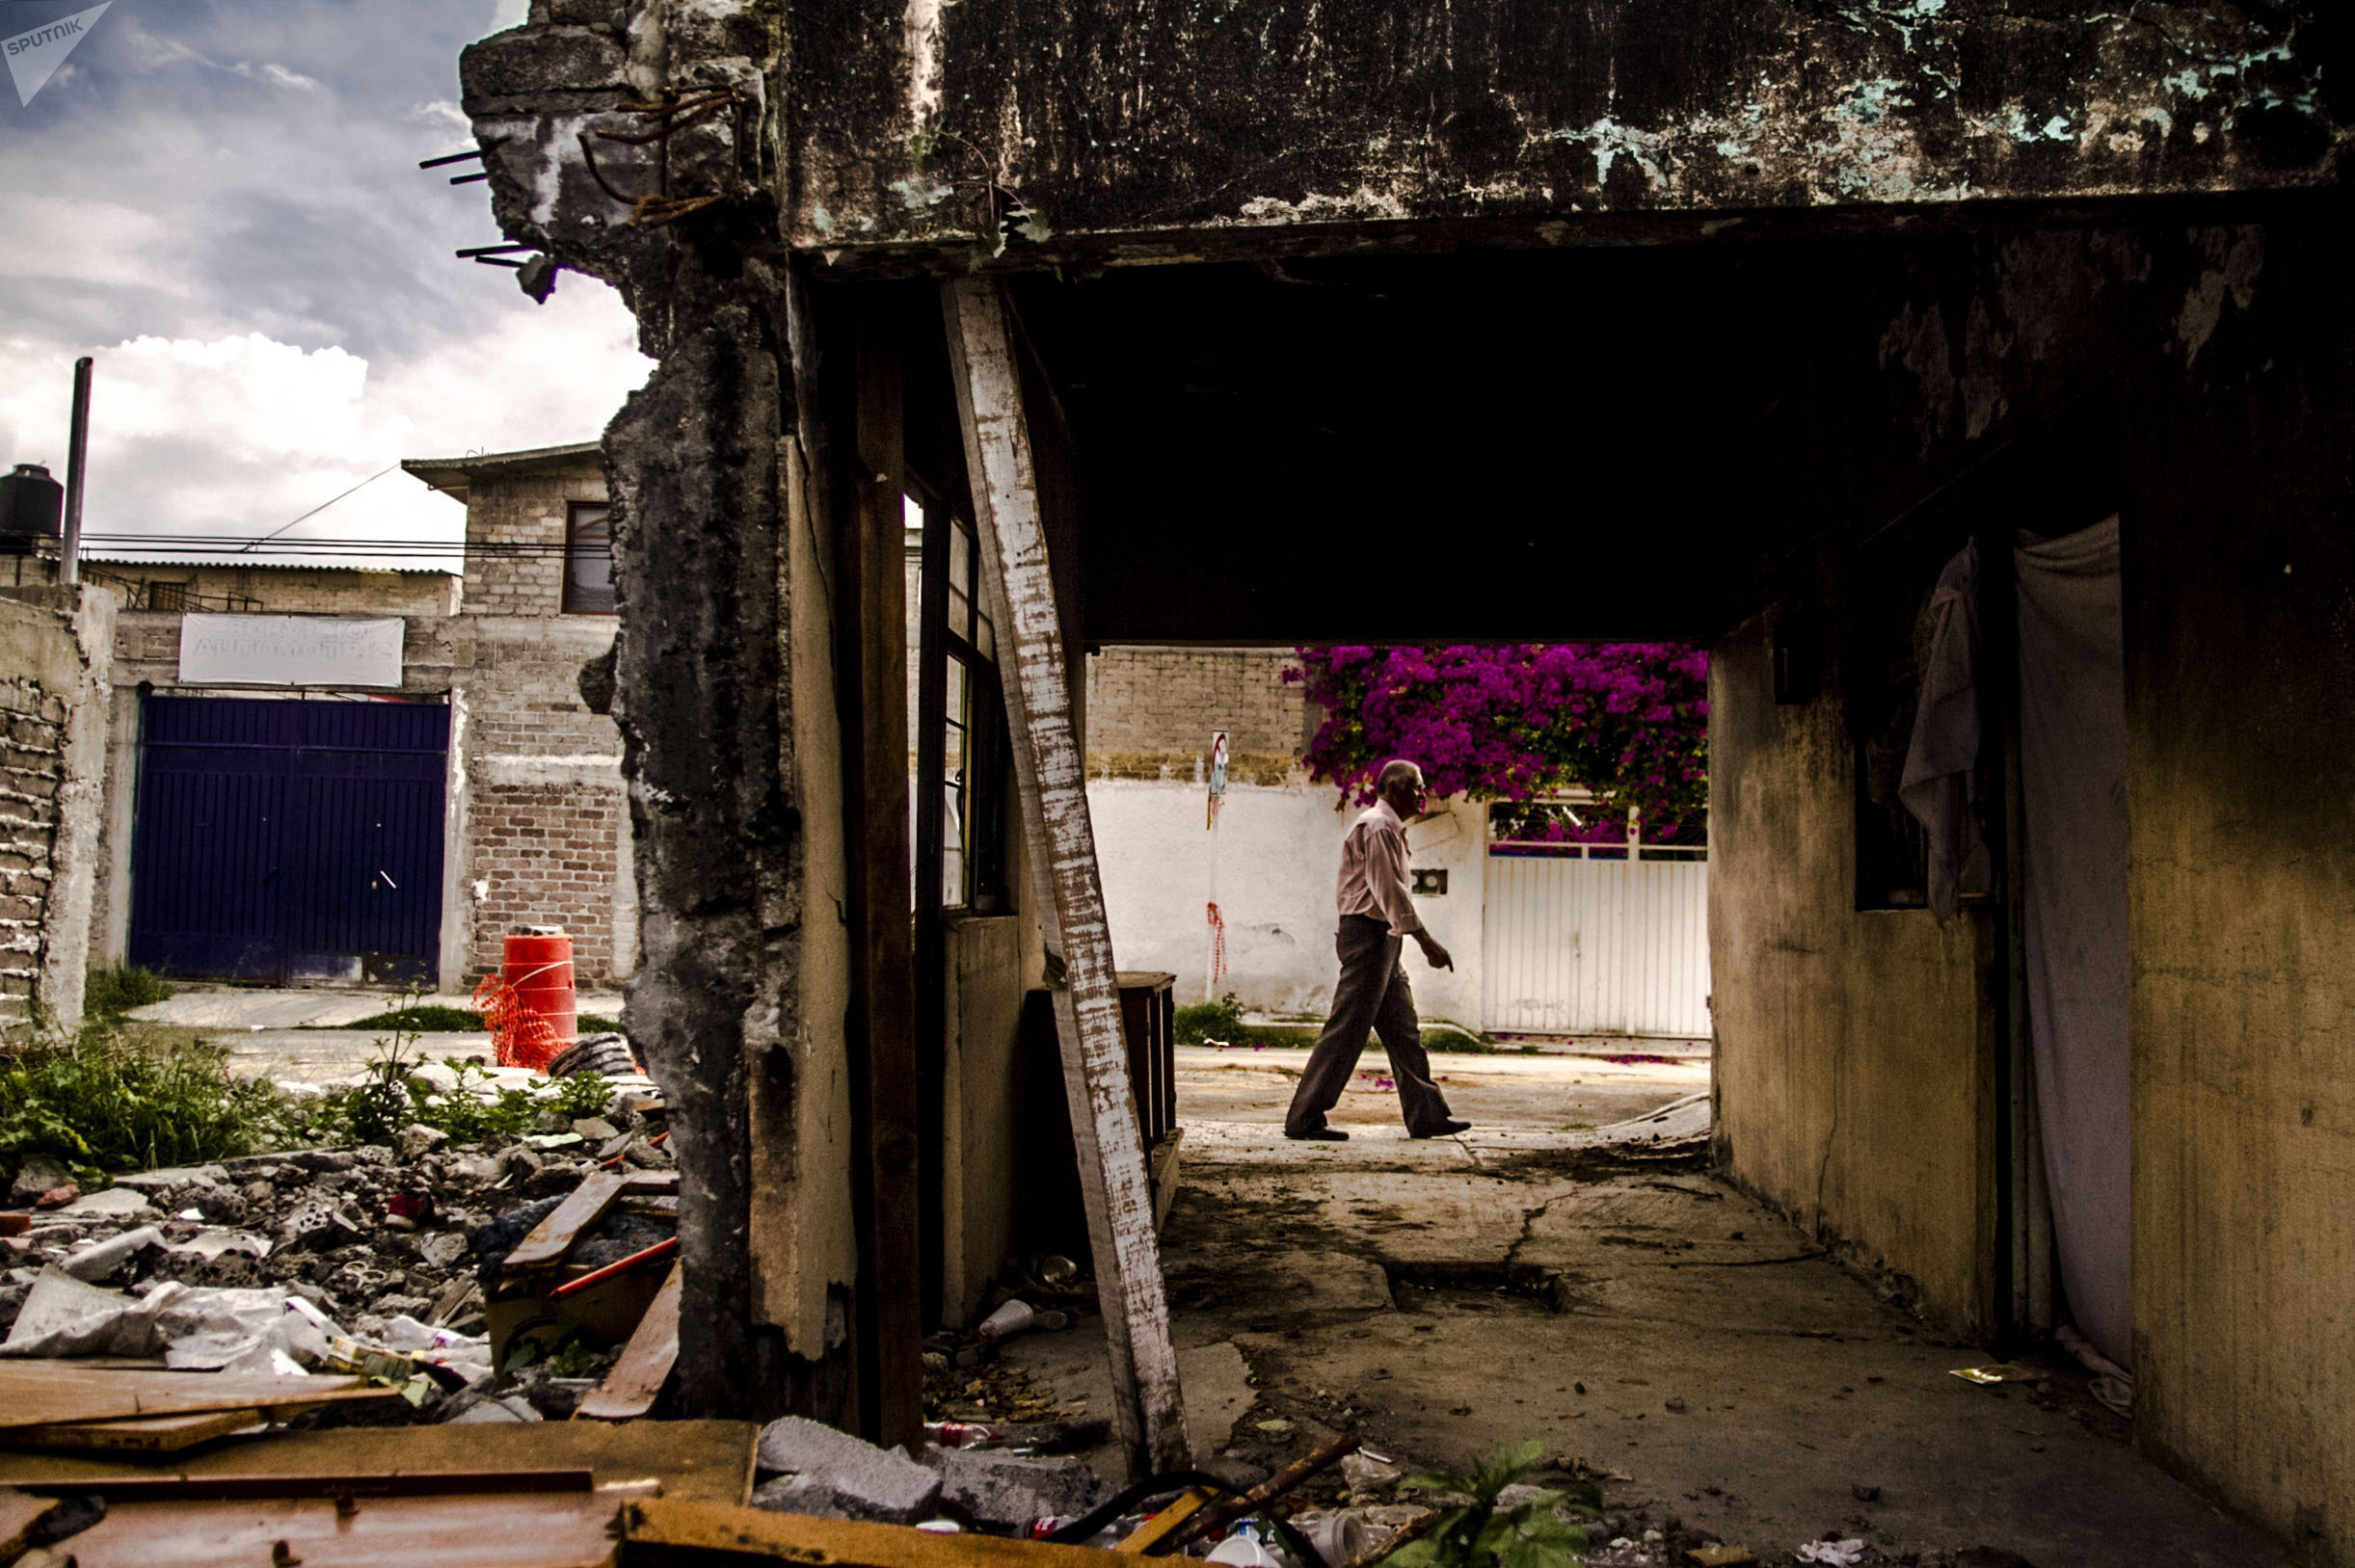 Juan Salgado camina frente a una de las casas dañadas en la Colonia del Mar, tras el sismo del 19 de septiembre de 2017.